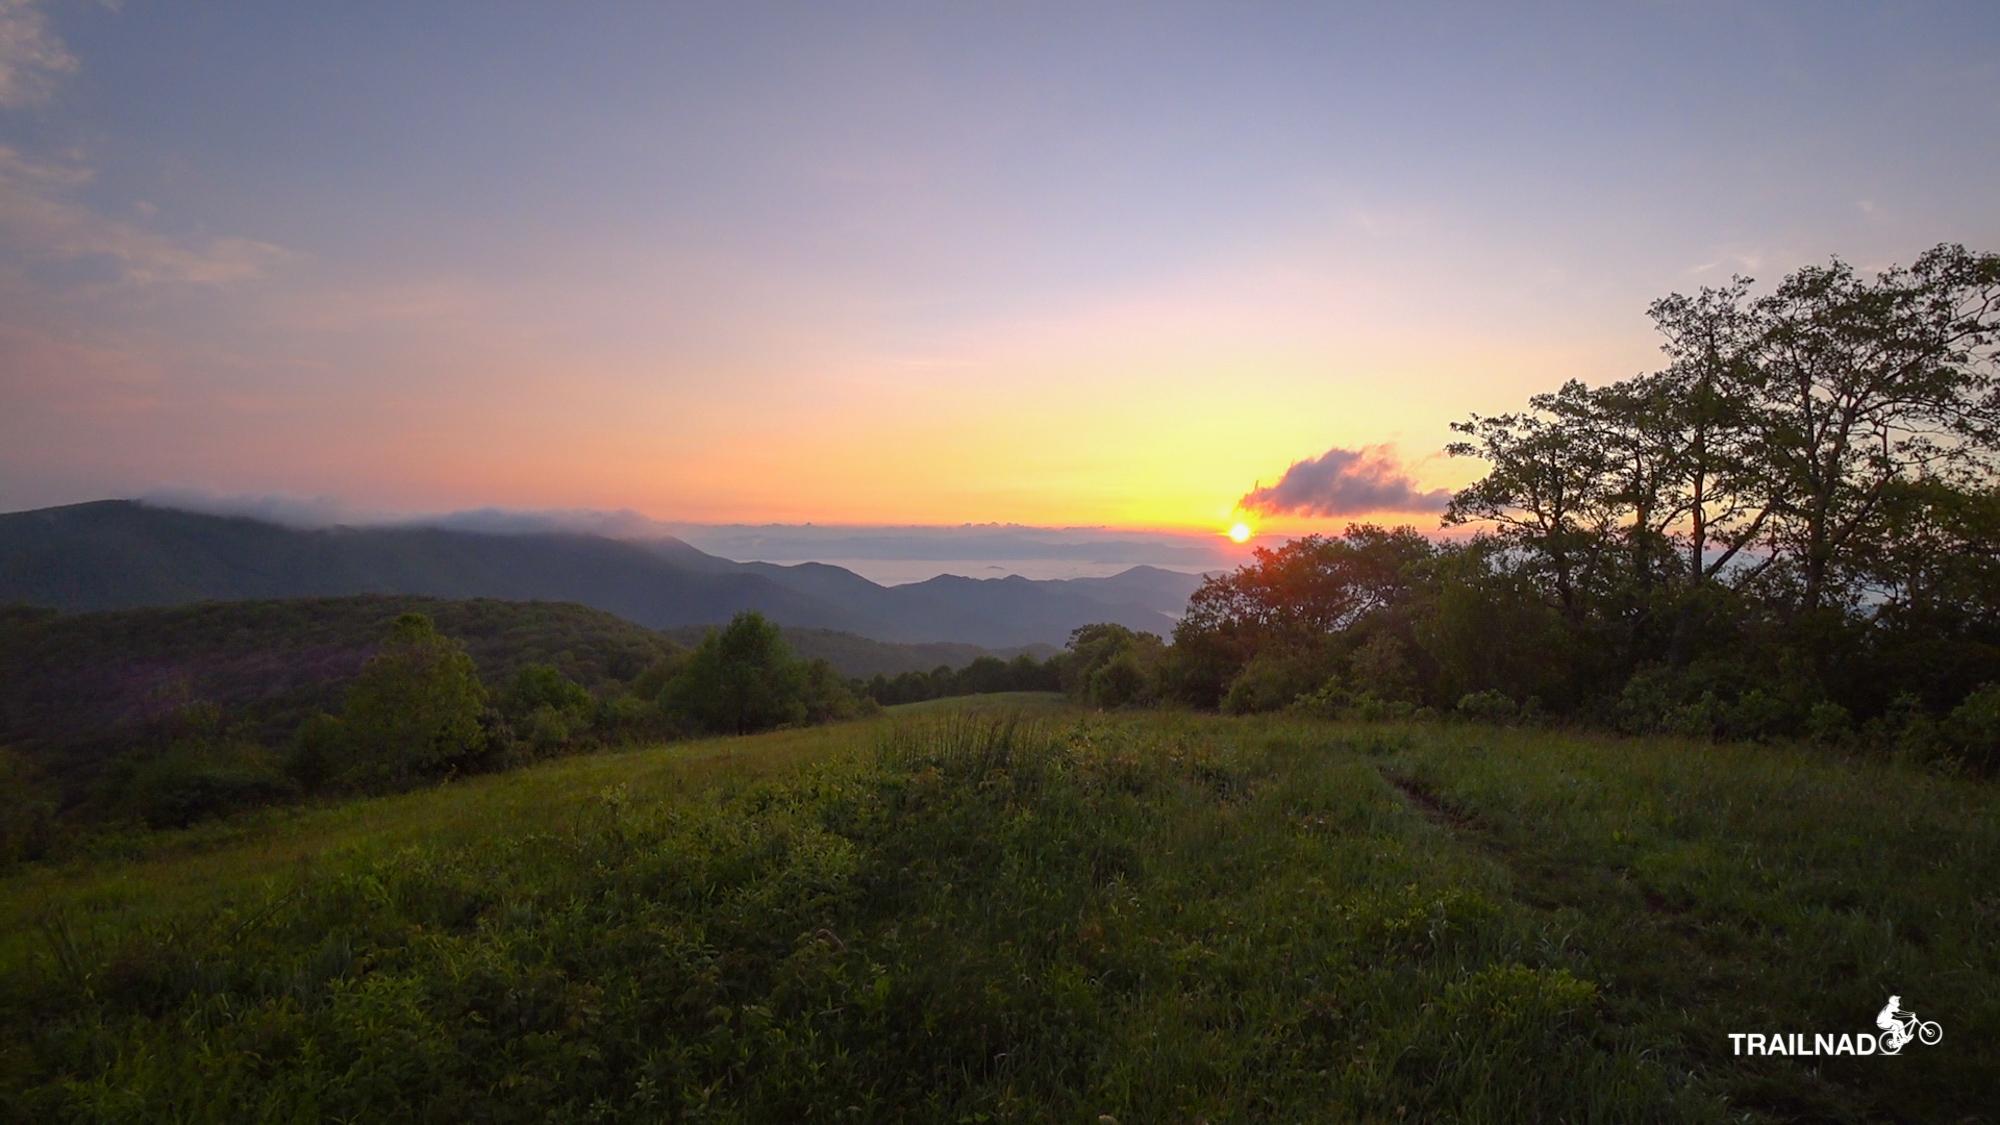 Sunrise on Siler Bald